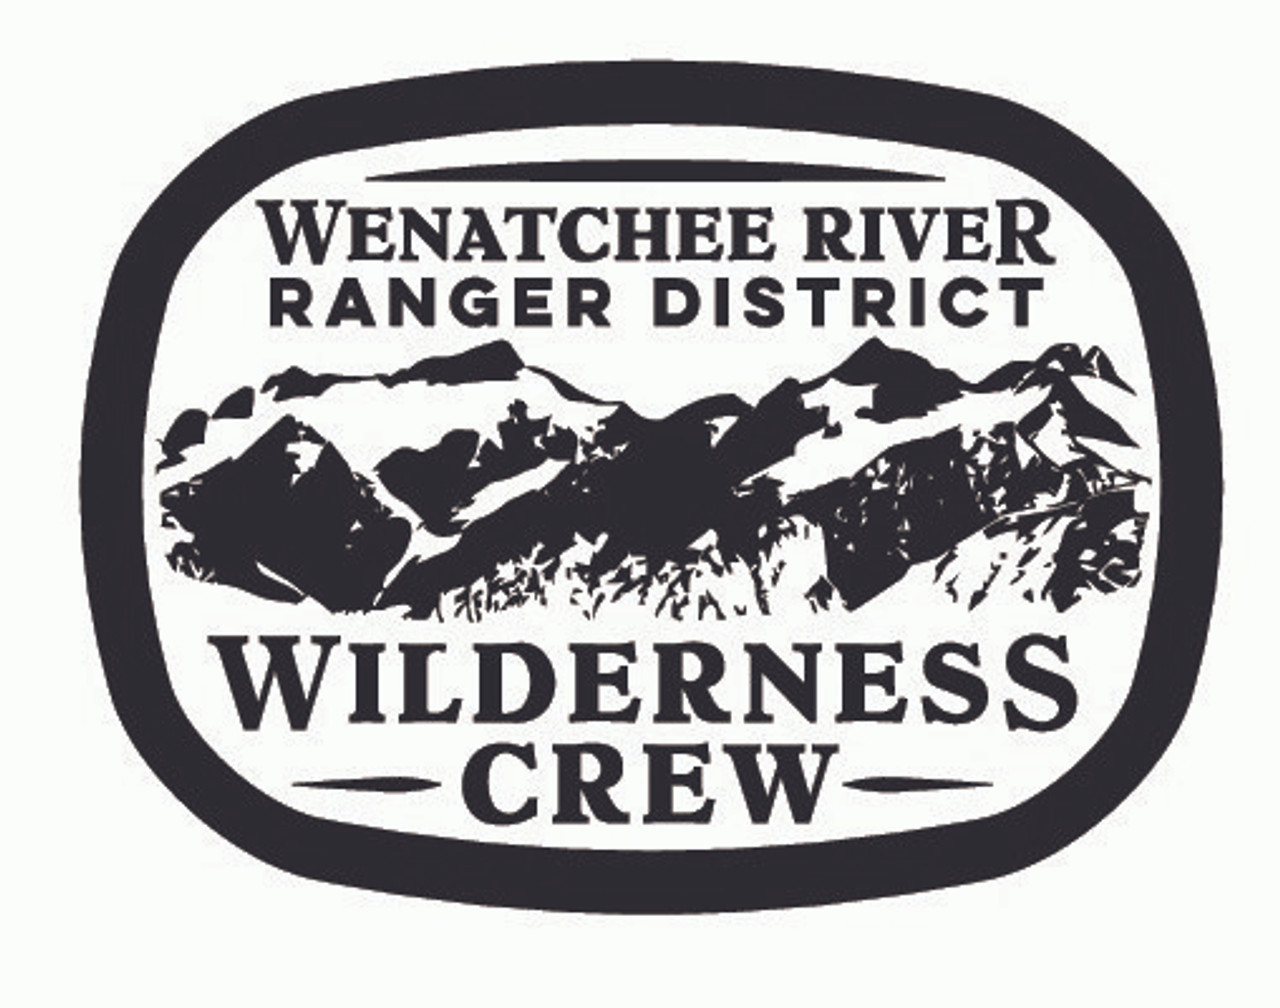 Wenatchee River Ranger District Wilderness Crew Buckle